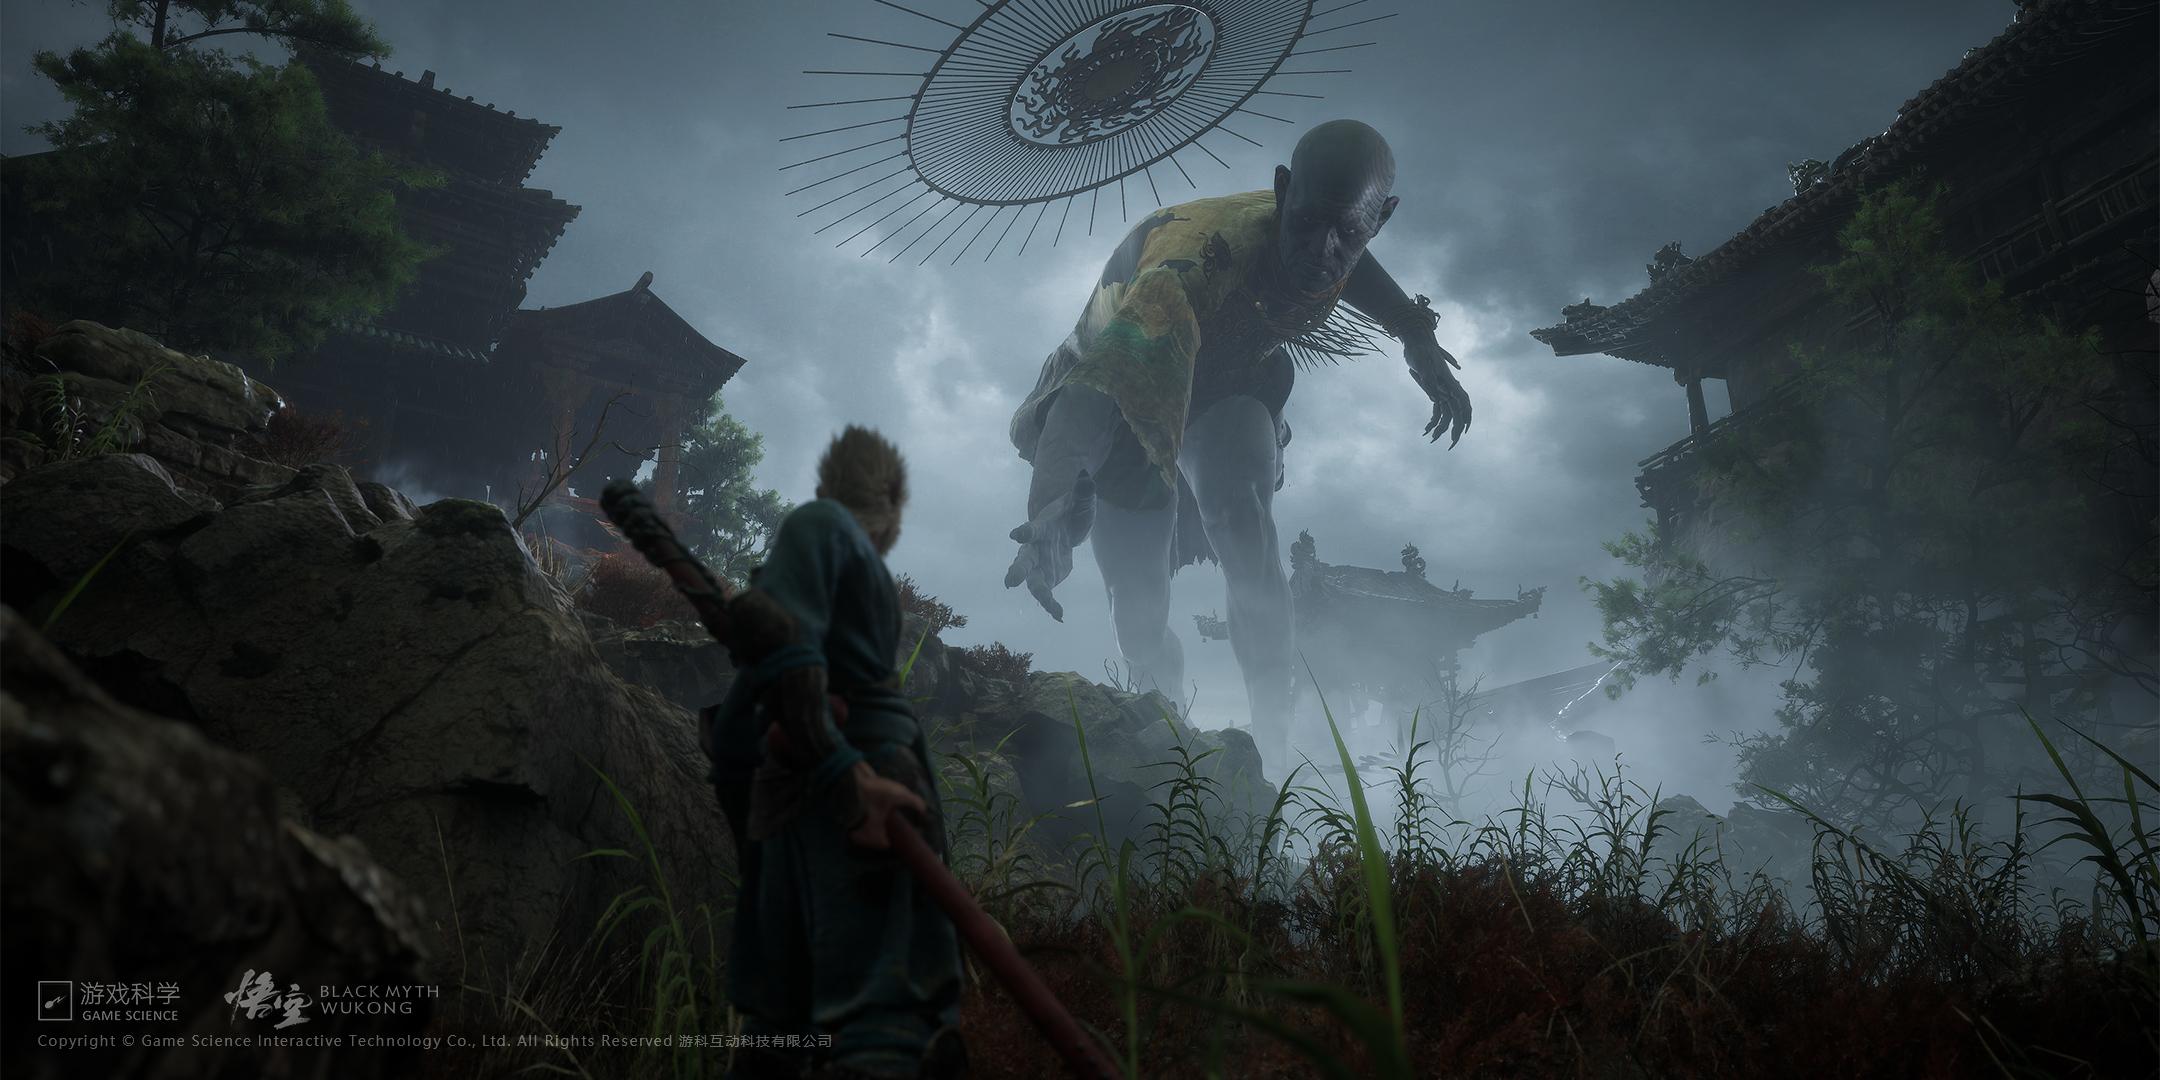 虚幻引擎次世代游戏集锦视频 领略非凡游戏美景